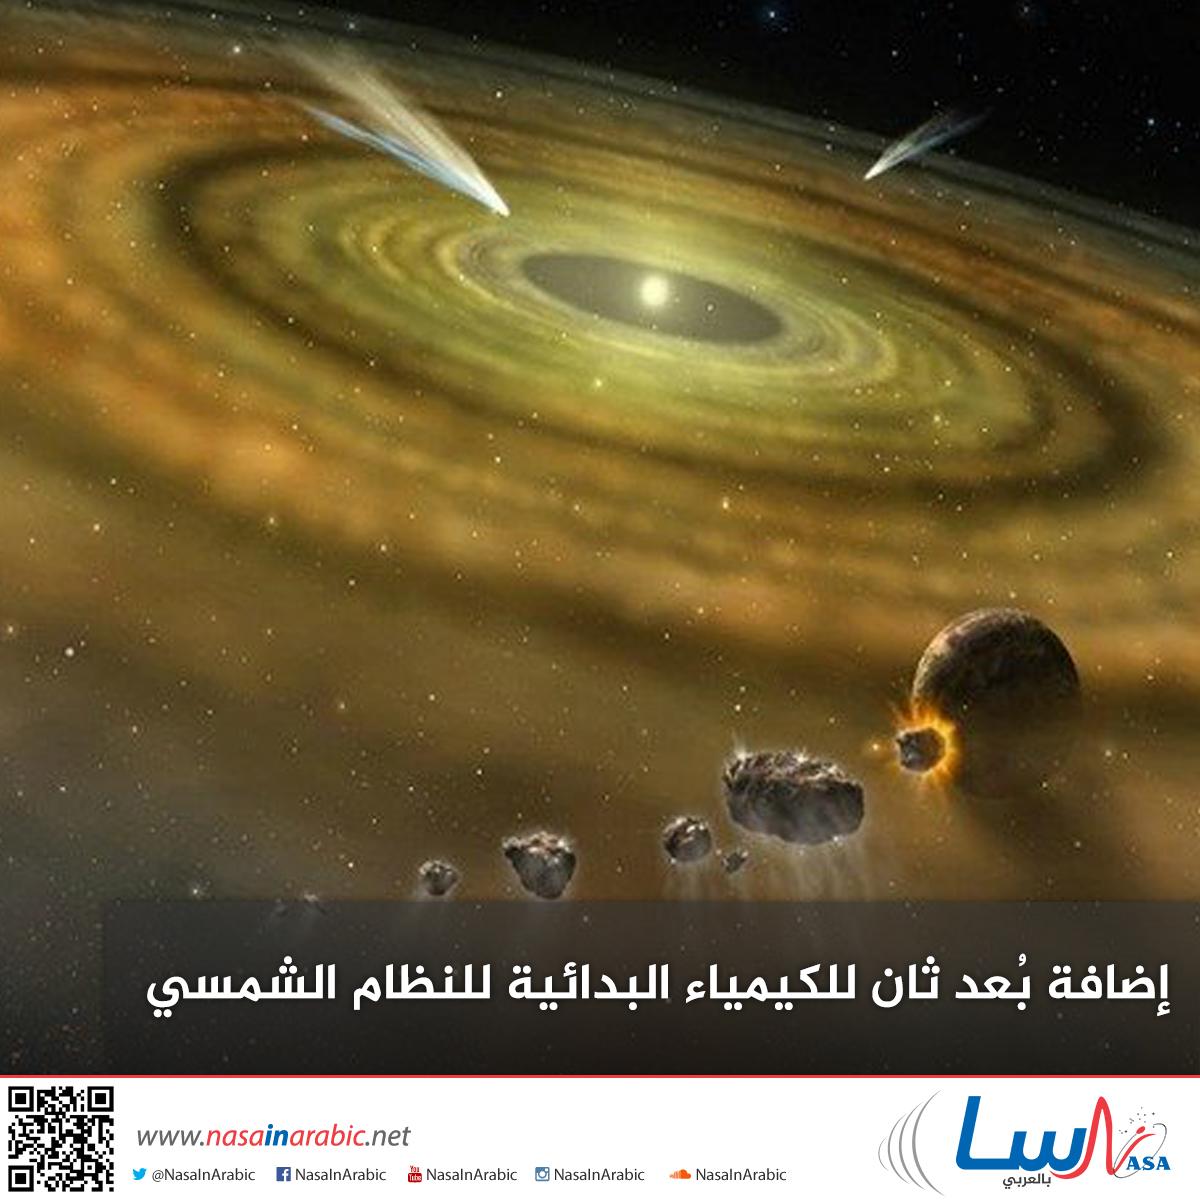 إضافة بُعد ثان للكيمياء البدائية للنظام الشمسي